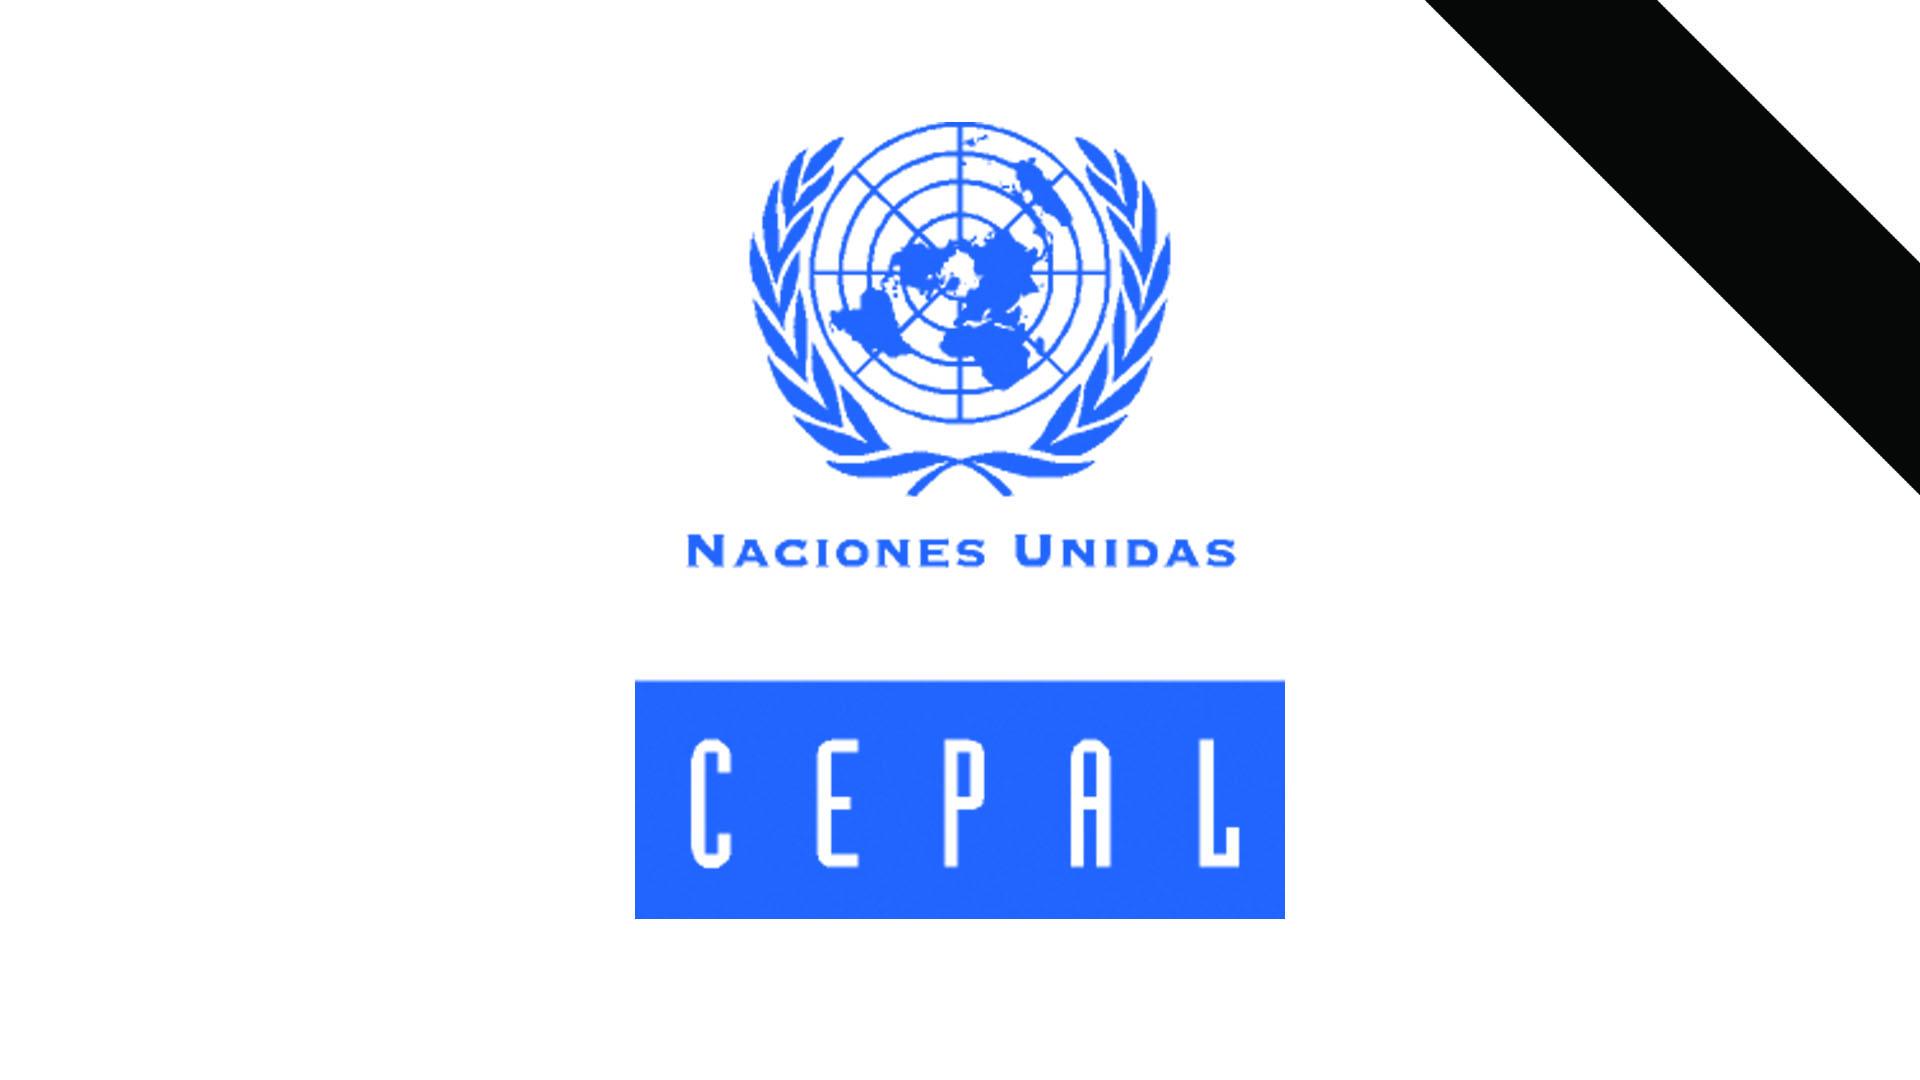 Logo de la CEPAL con franja negra en señal de luto.